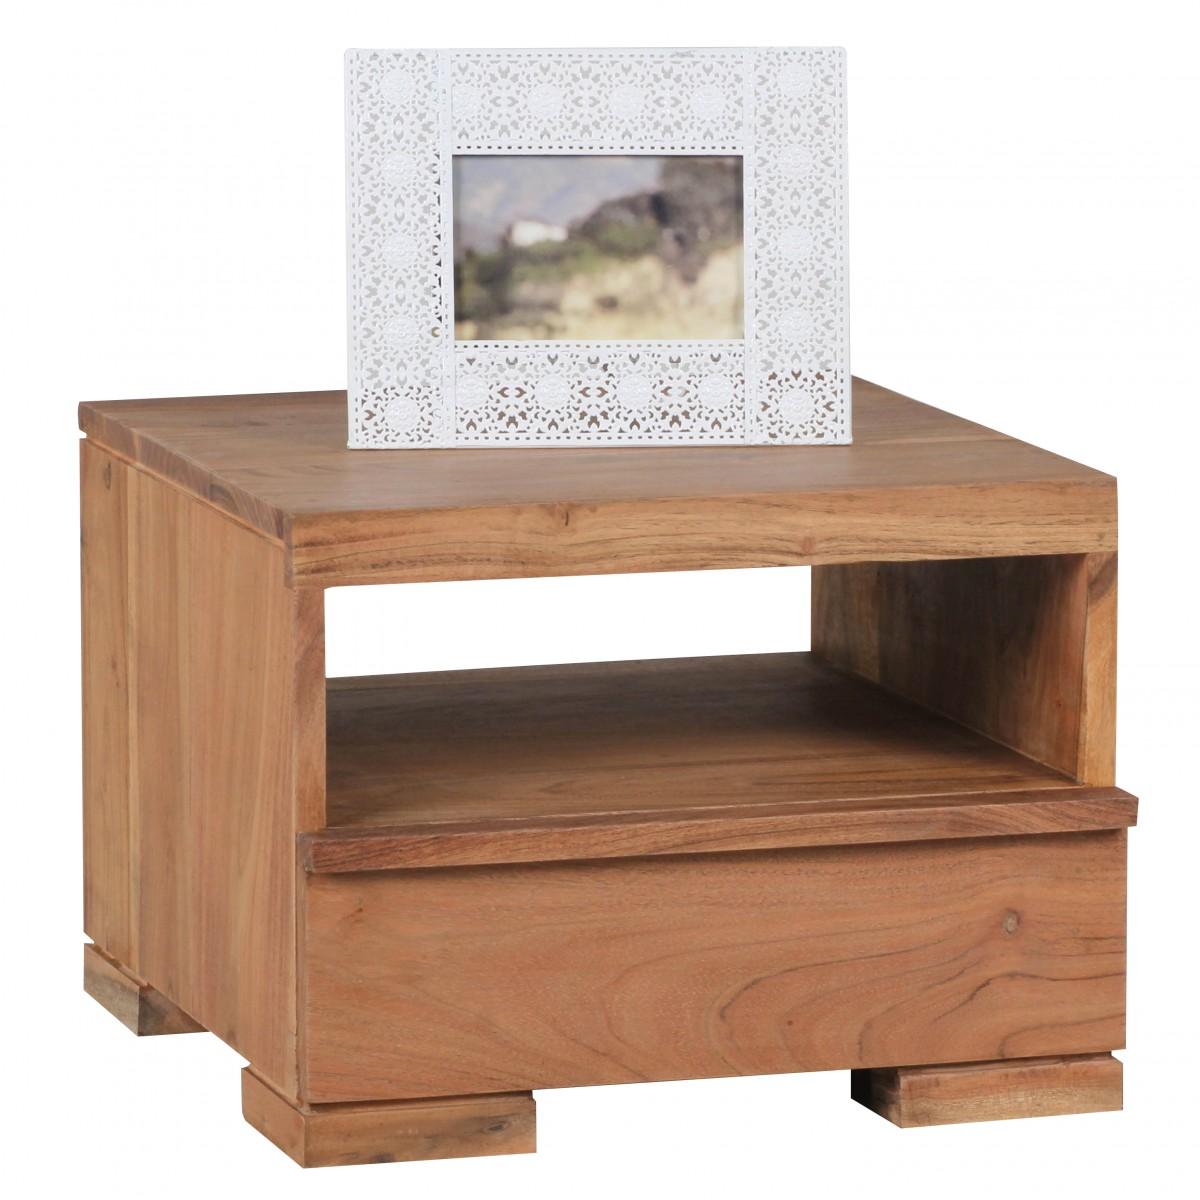 Wohnling acacia solide table de chevet en bois avec tiroir for Chevet mural avec tiroir